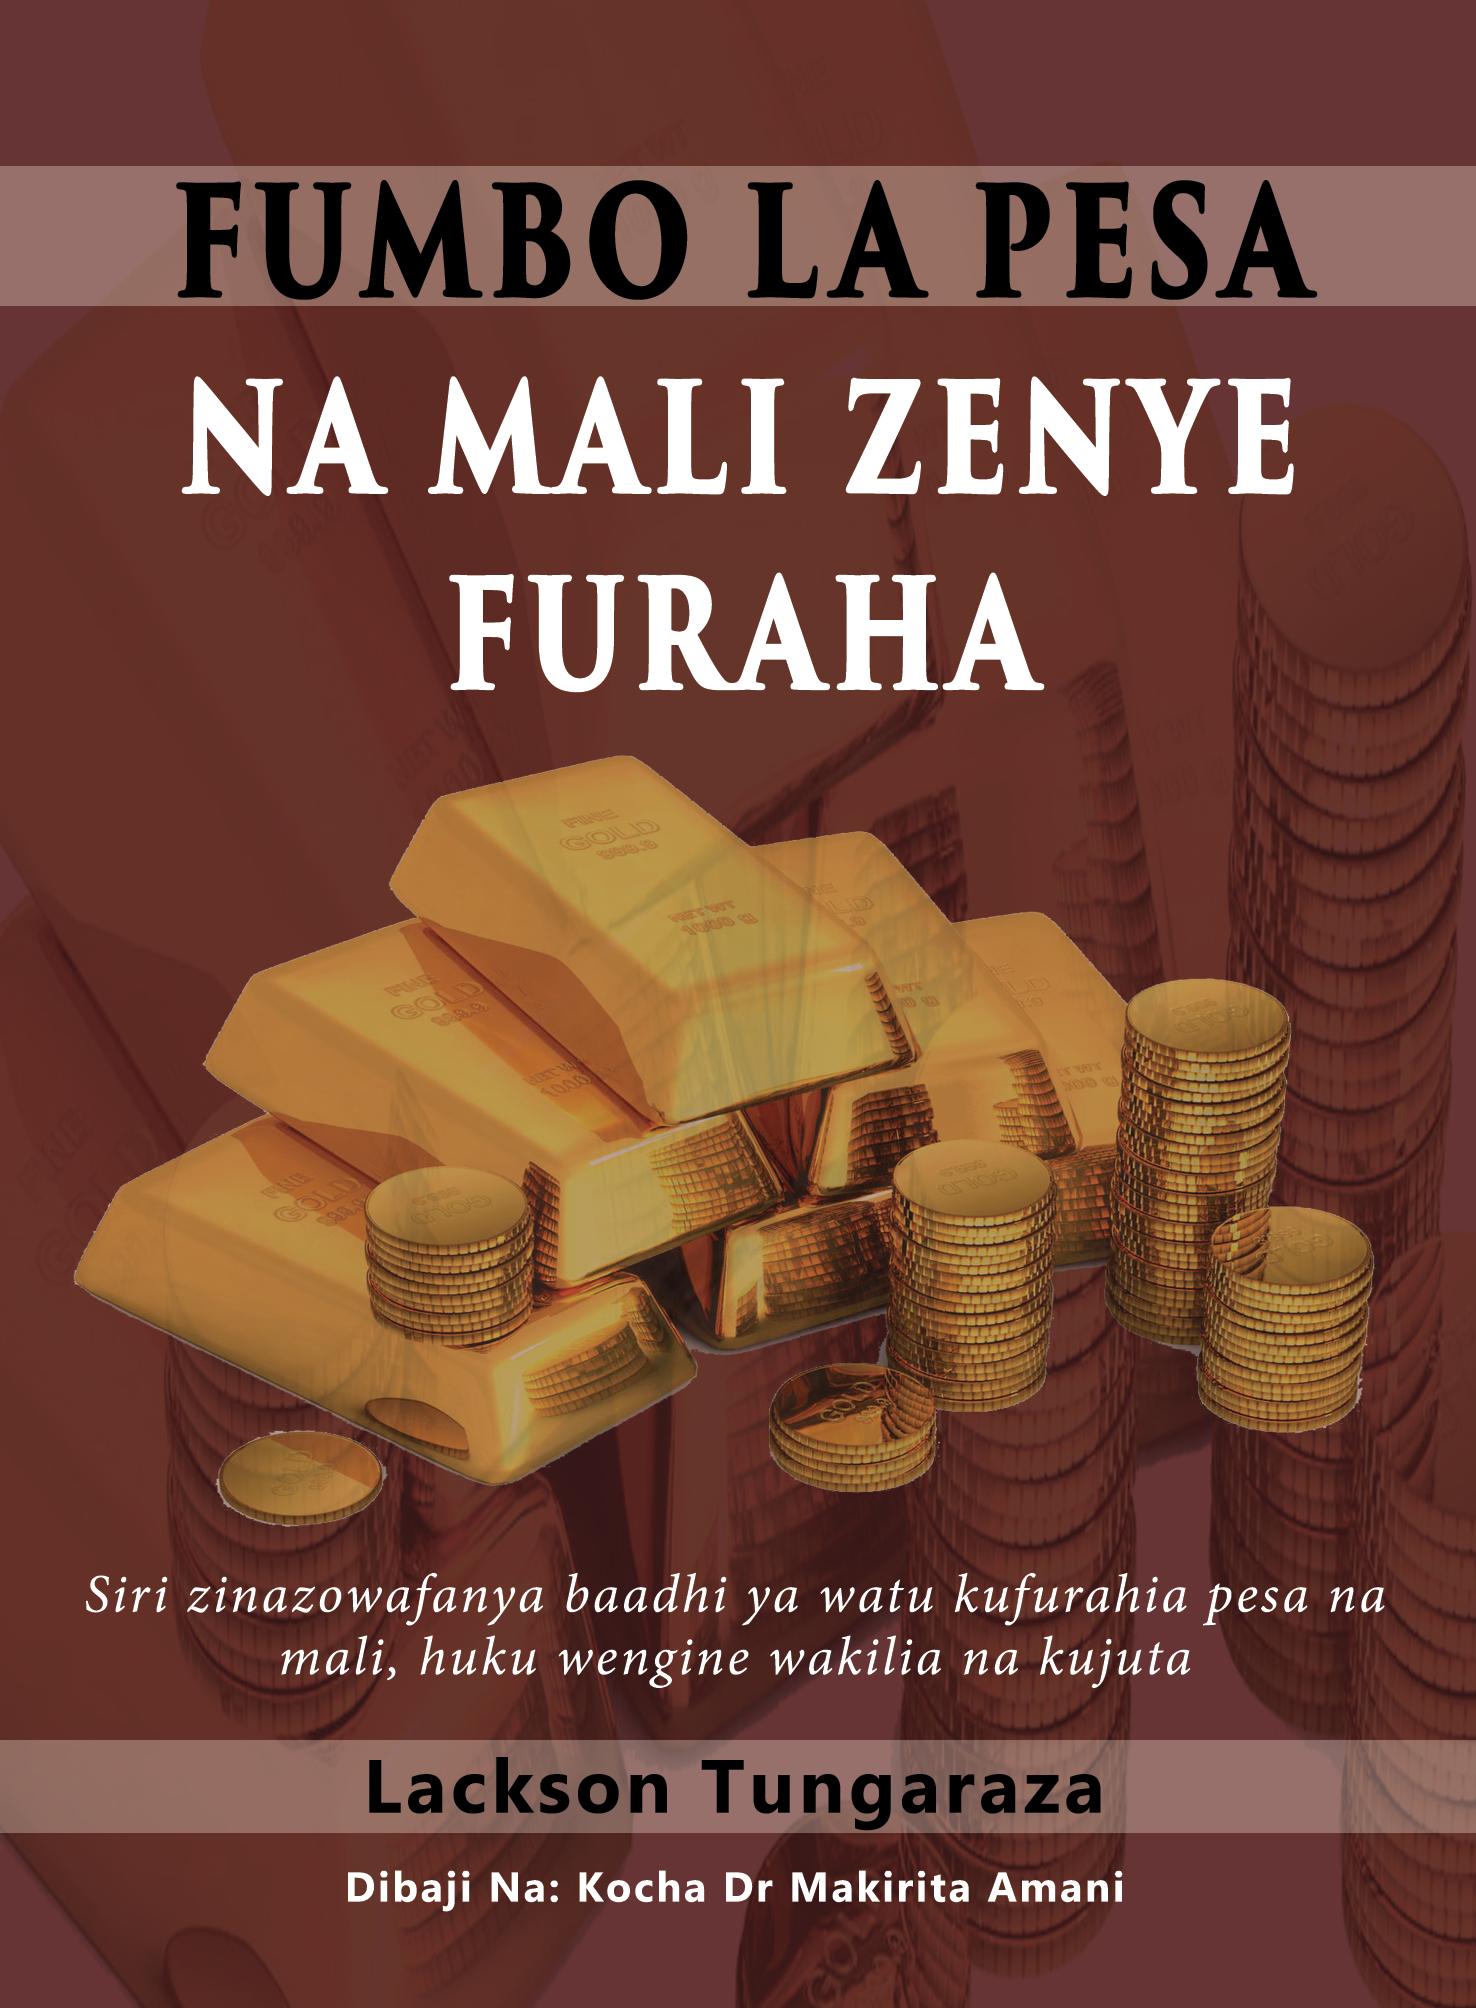 Fumbo La Pesa Na Mali Zenye Furaha: SIRI Zinazowafanya Baadhi Ya Watu Kufurahia Pesa Na Mali, Huku Wengine Wakilia Na Kujuta